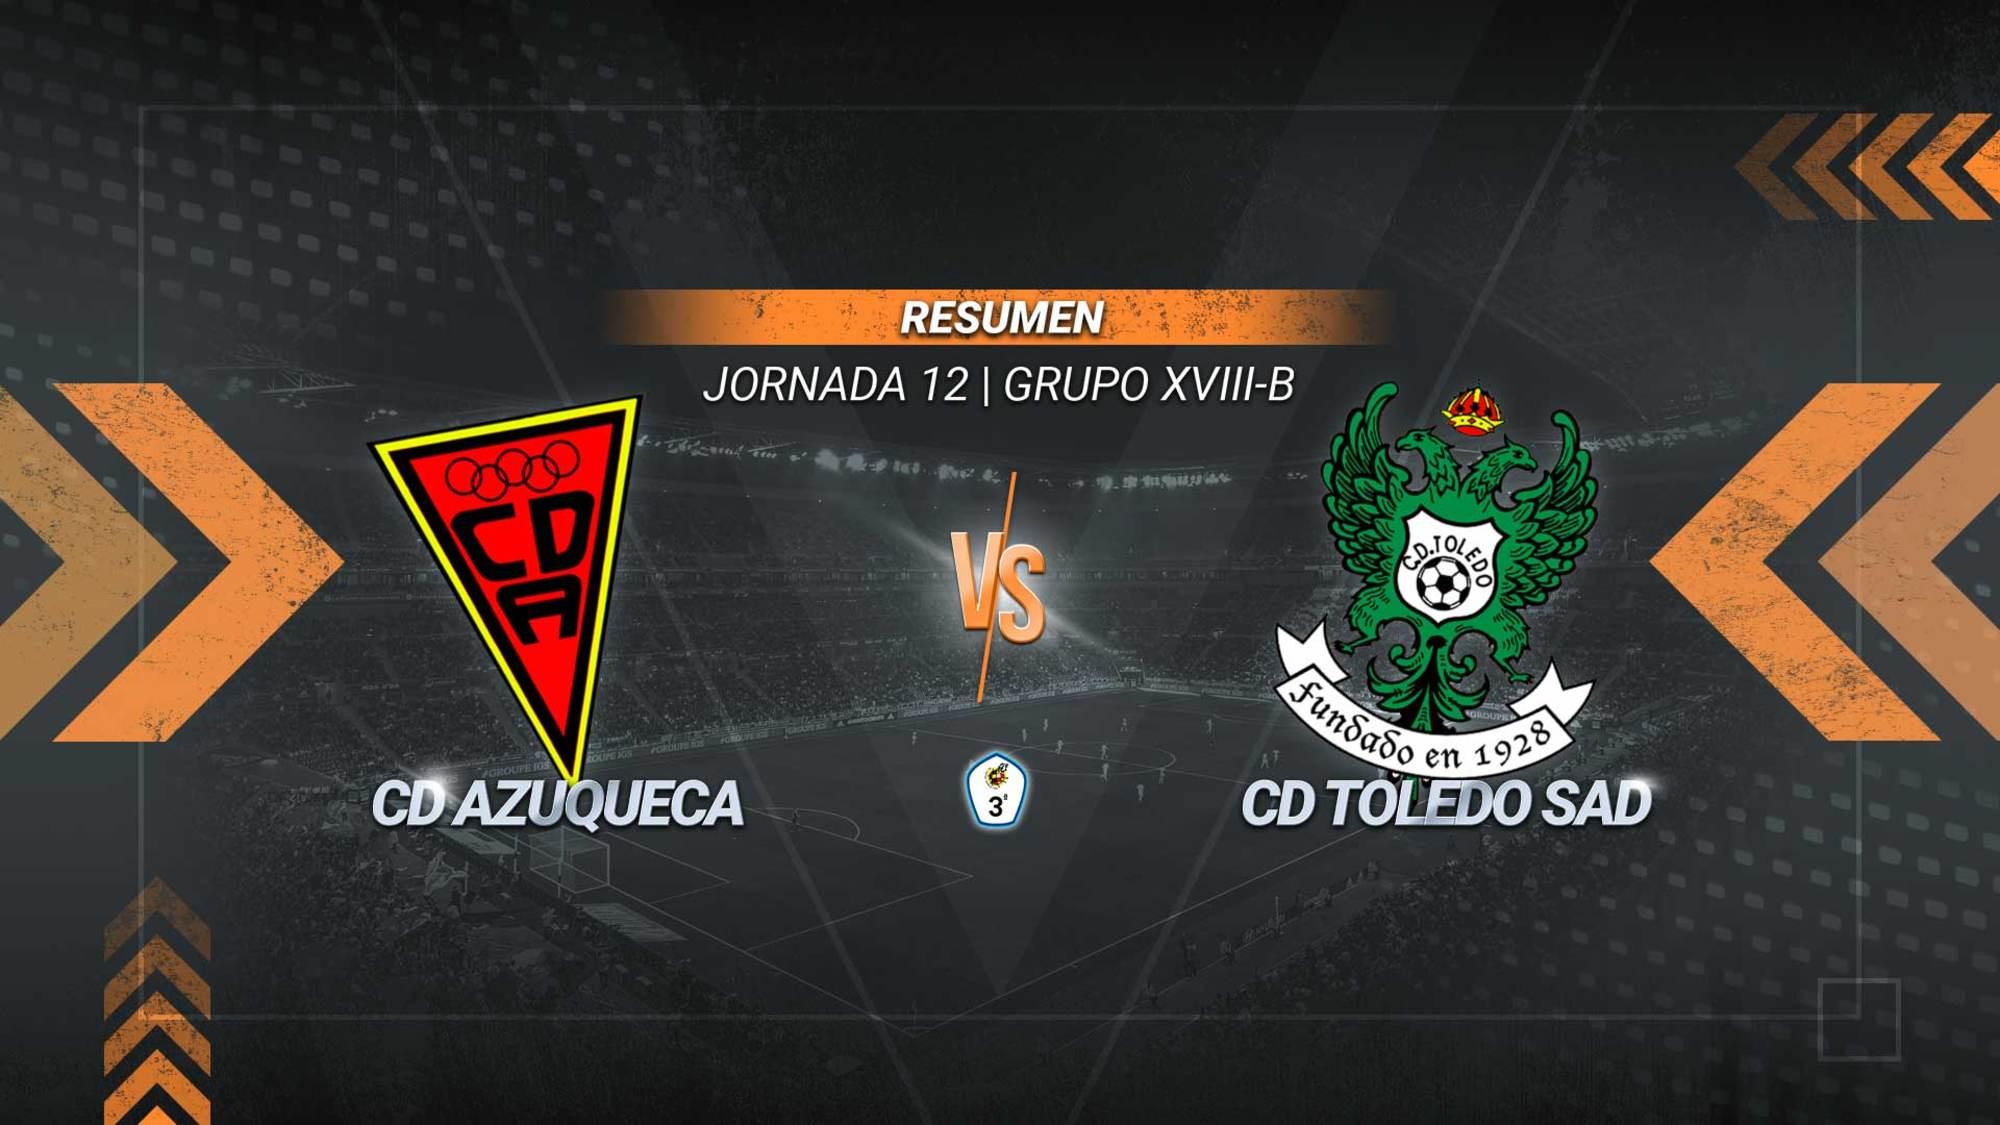 Azuqueca y Toledo se reparten los puntos en el duelo de los penaltis. Rubén Moreno anotó los dos goles de los toledanos desde los once metros. Míchel marcó una pena máxima y una falta para los azudenses. El Toledo se mantiene tercero con 20 puntos. El Azuqueca es sexto con 18.